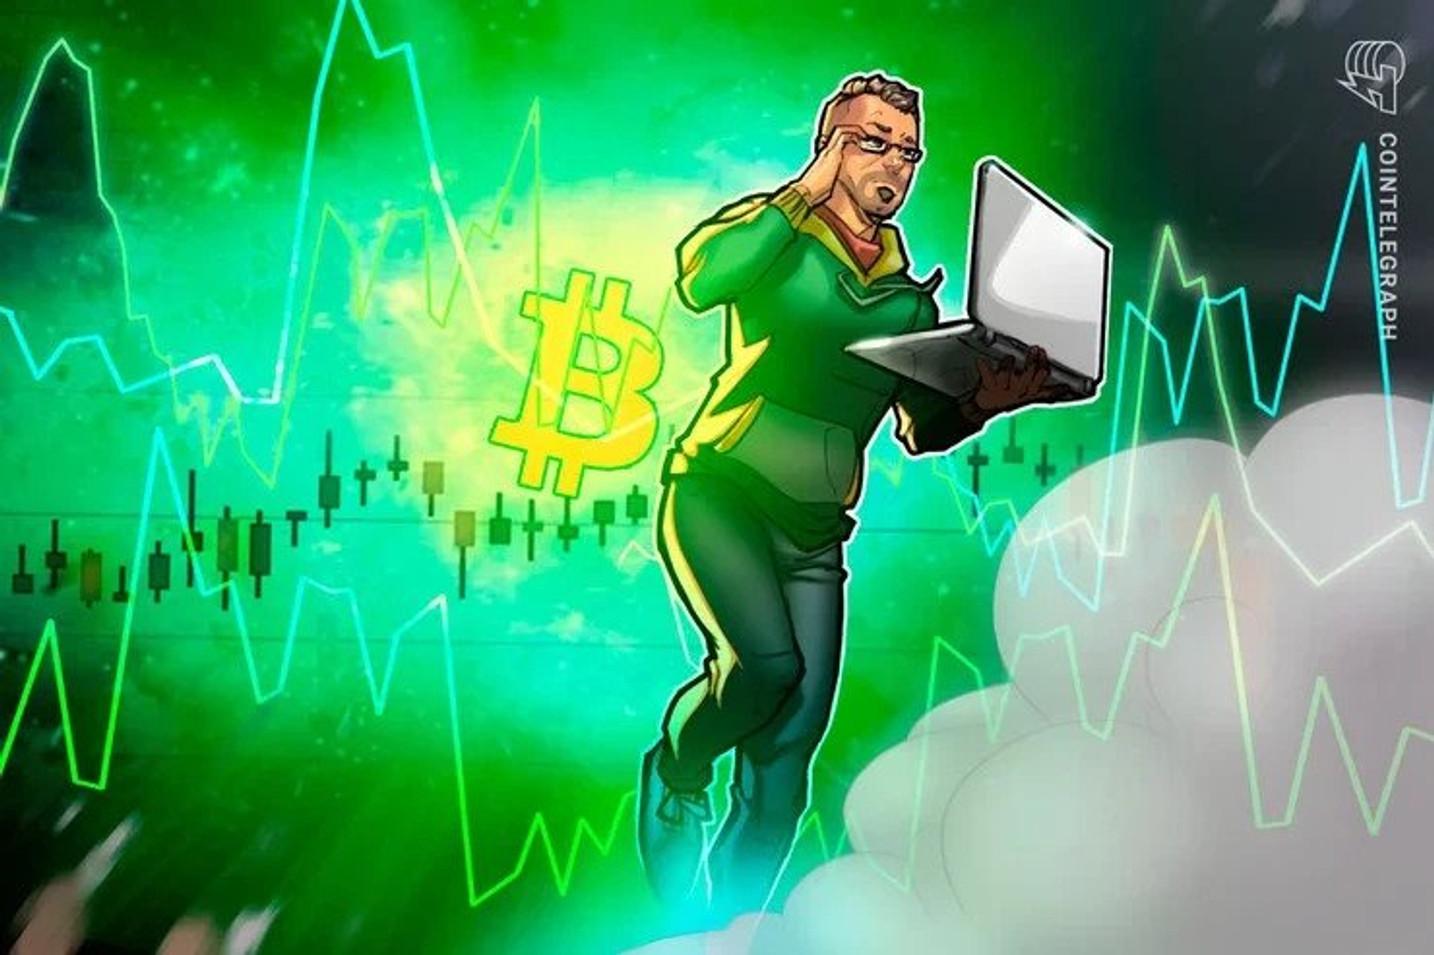 'Histórico do Bitcoin é de alta volatilidade e é preciso entender se correção muda fundamentos da criptomoeda', diz head do BTG Pactual